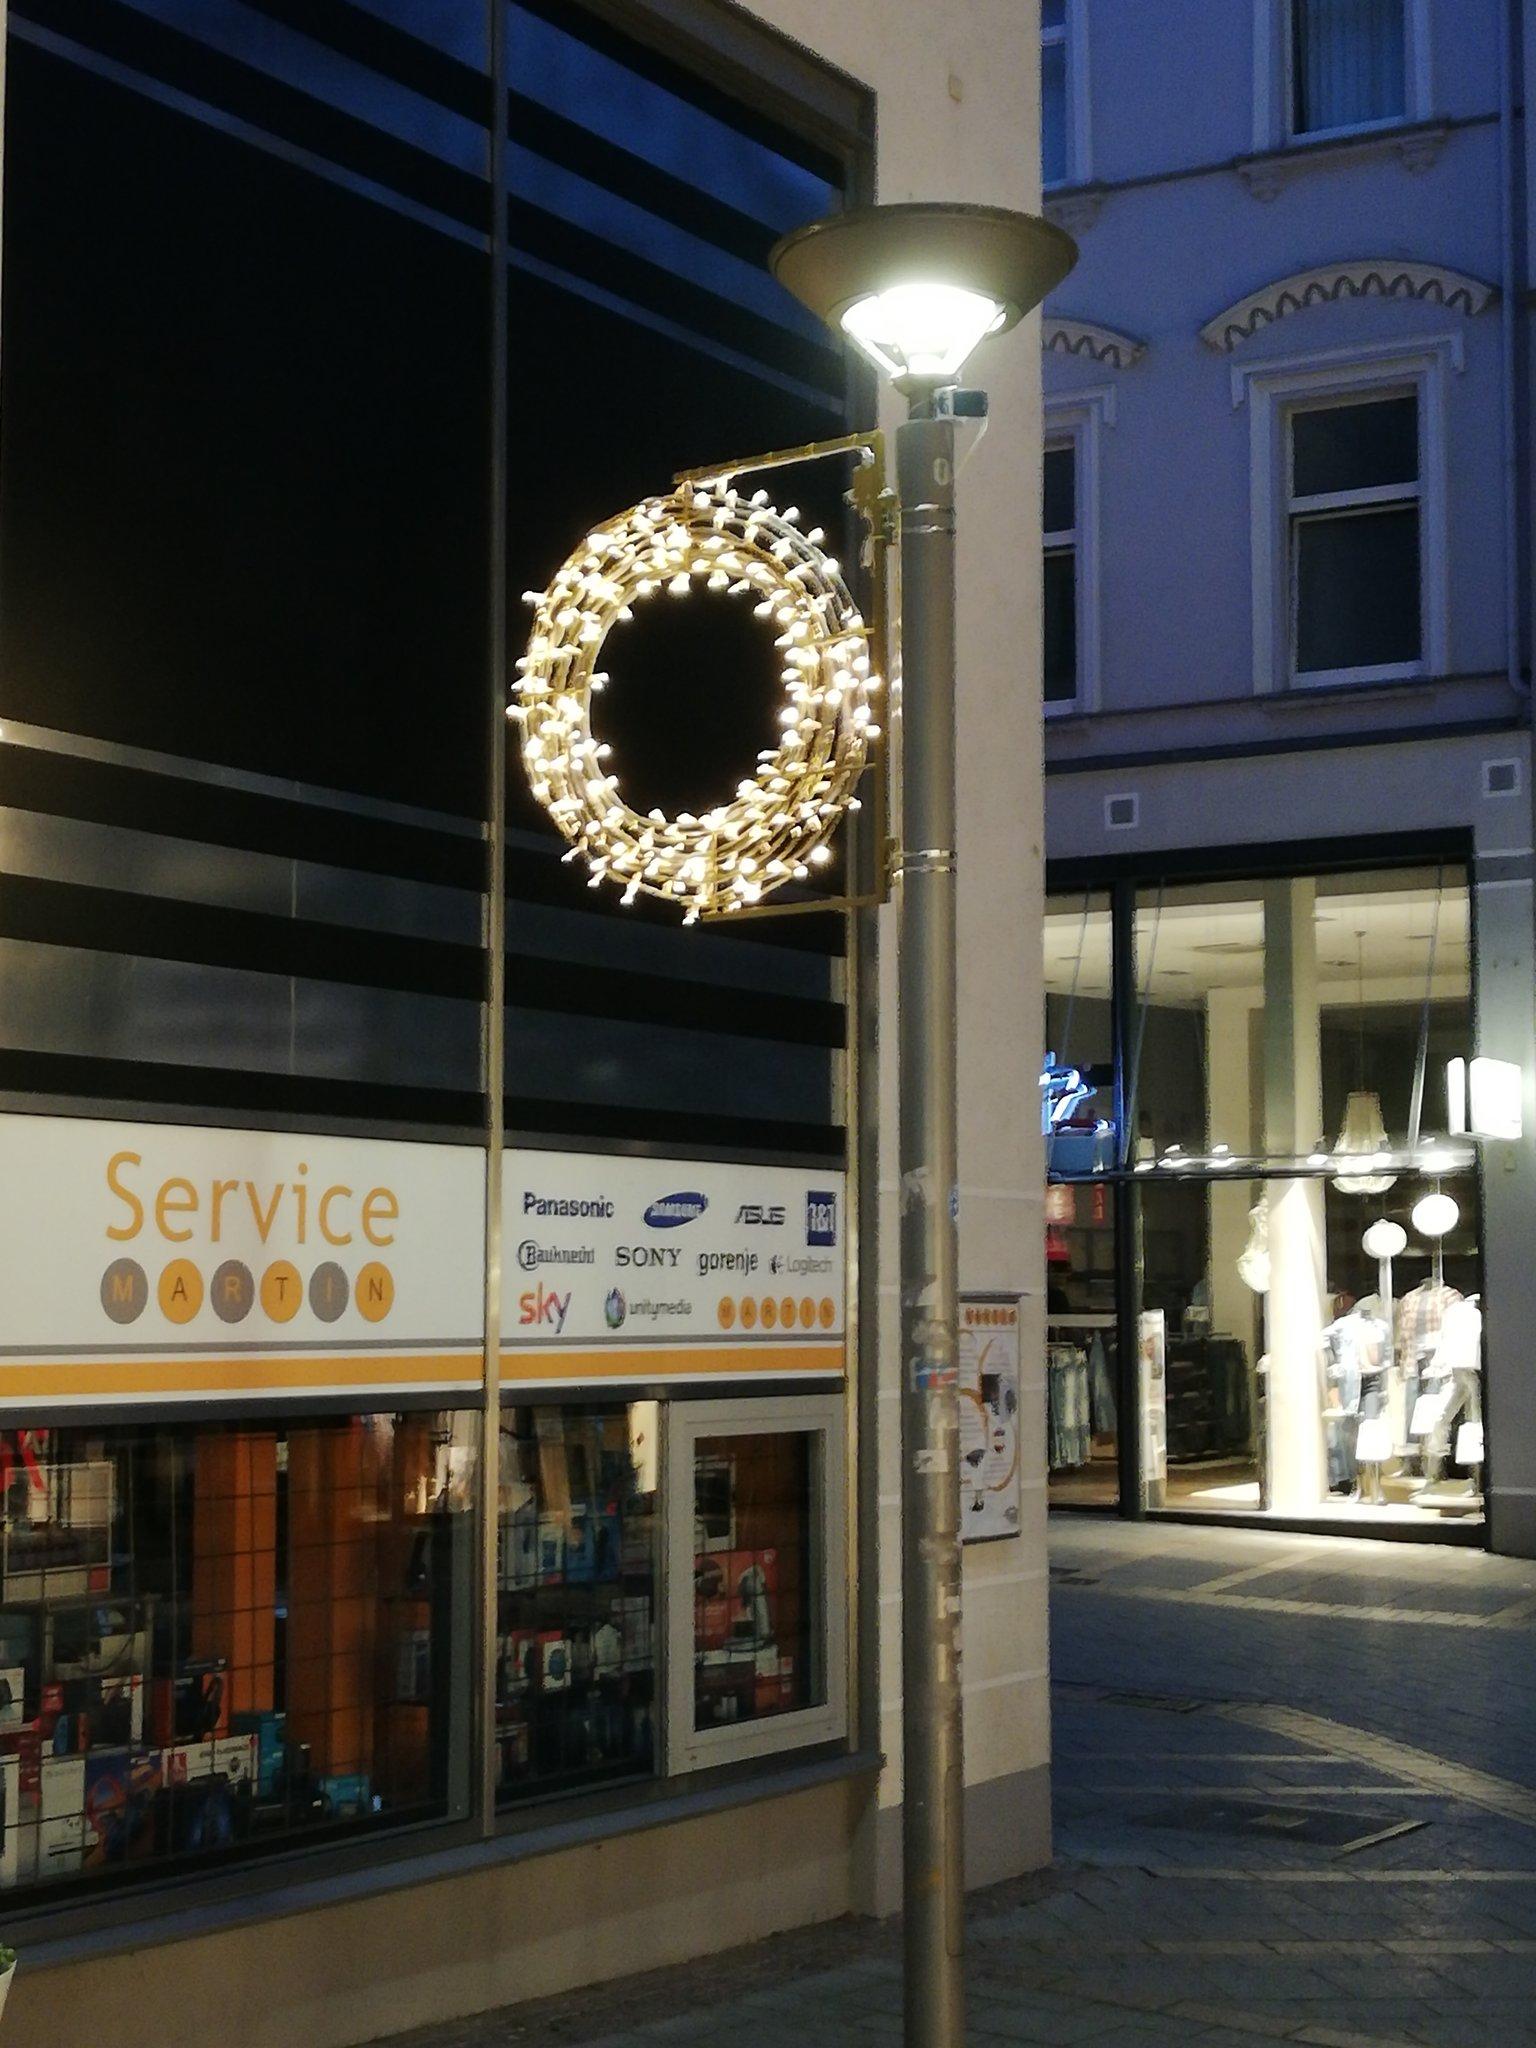 Weihnachtsbeleuchtung Xxl.Stadtmarketing Spricht über Das Zukünftige Konzept Eine Neue